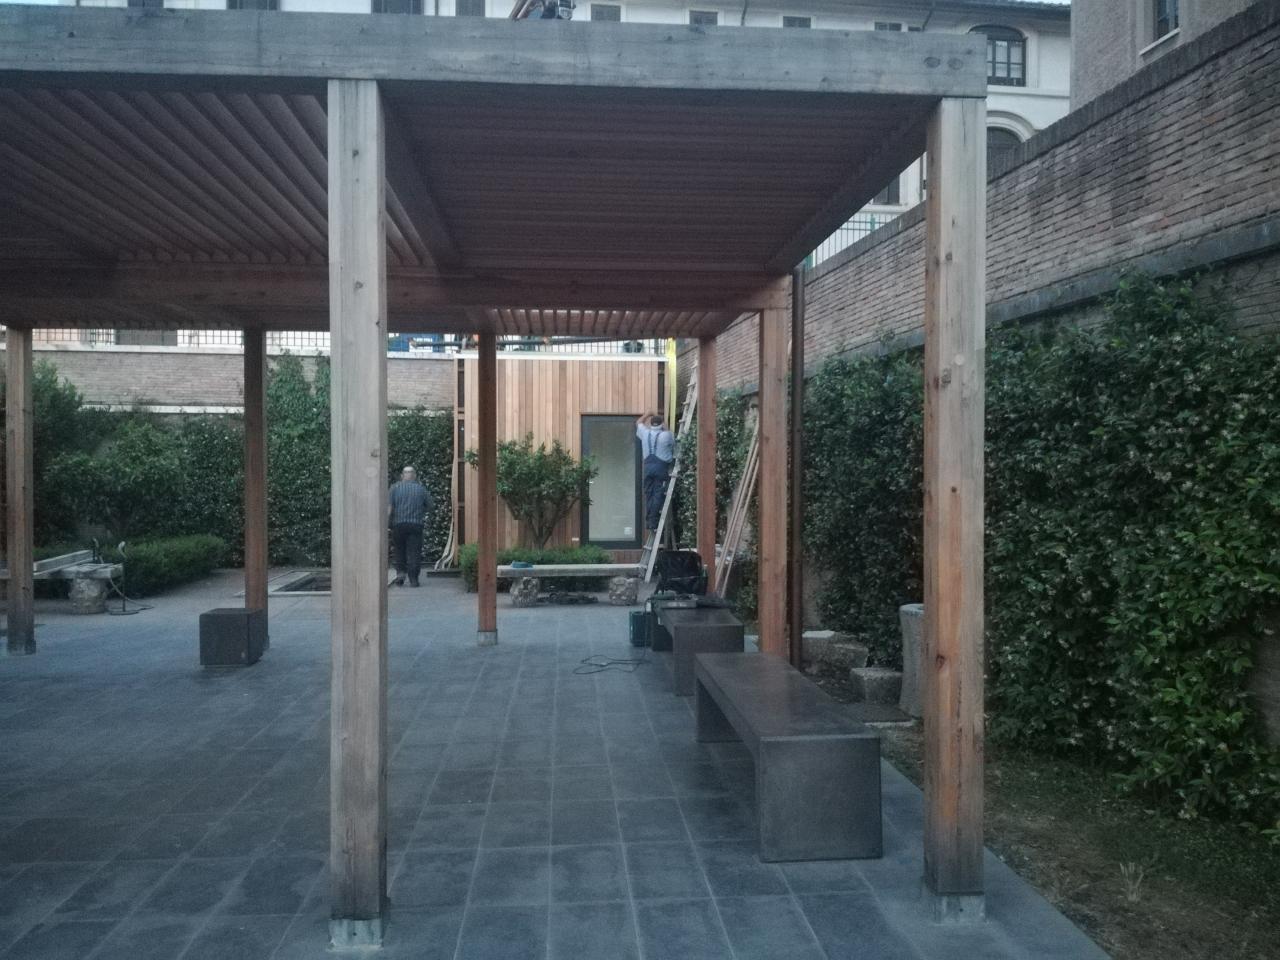 Nessun Titolo 24-06-2019 - Ecospace Italia - Roma Parco del Colosseo  Il modulo a fine installazione